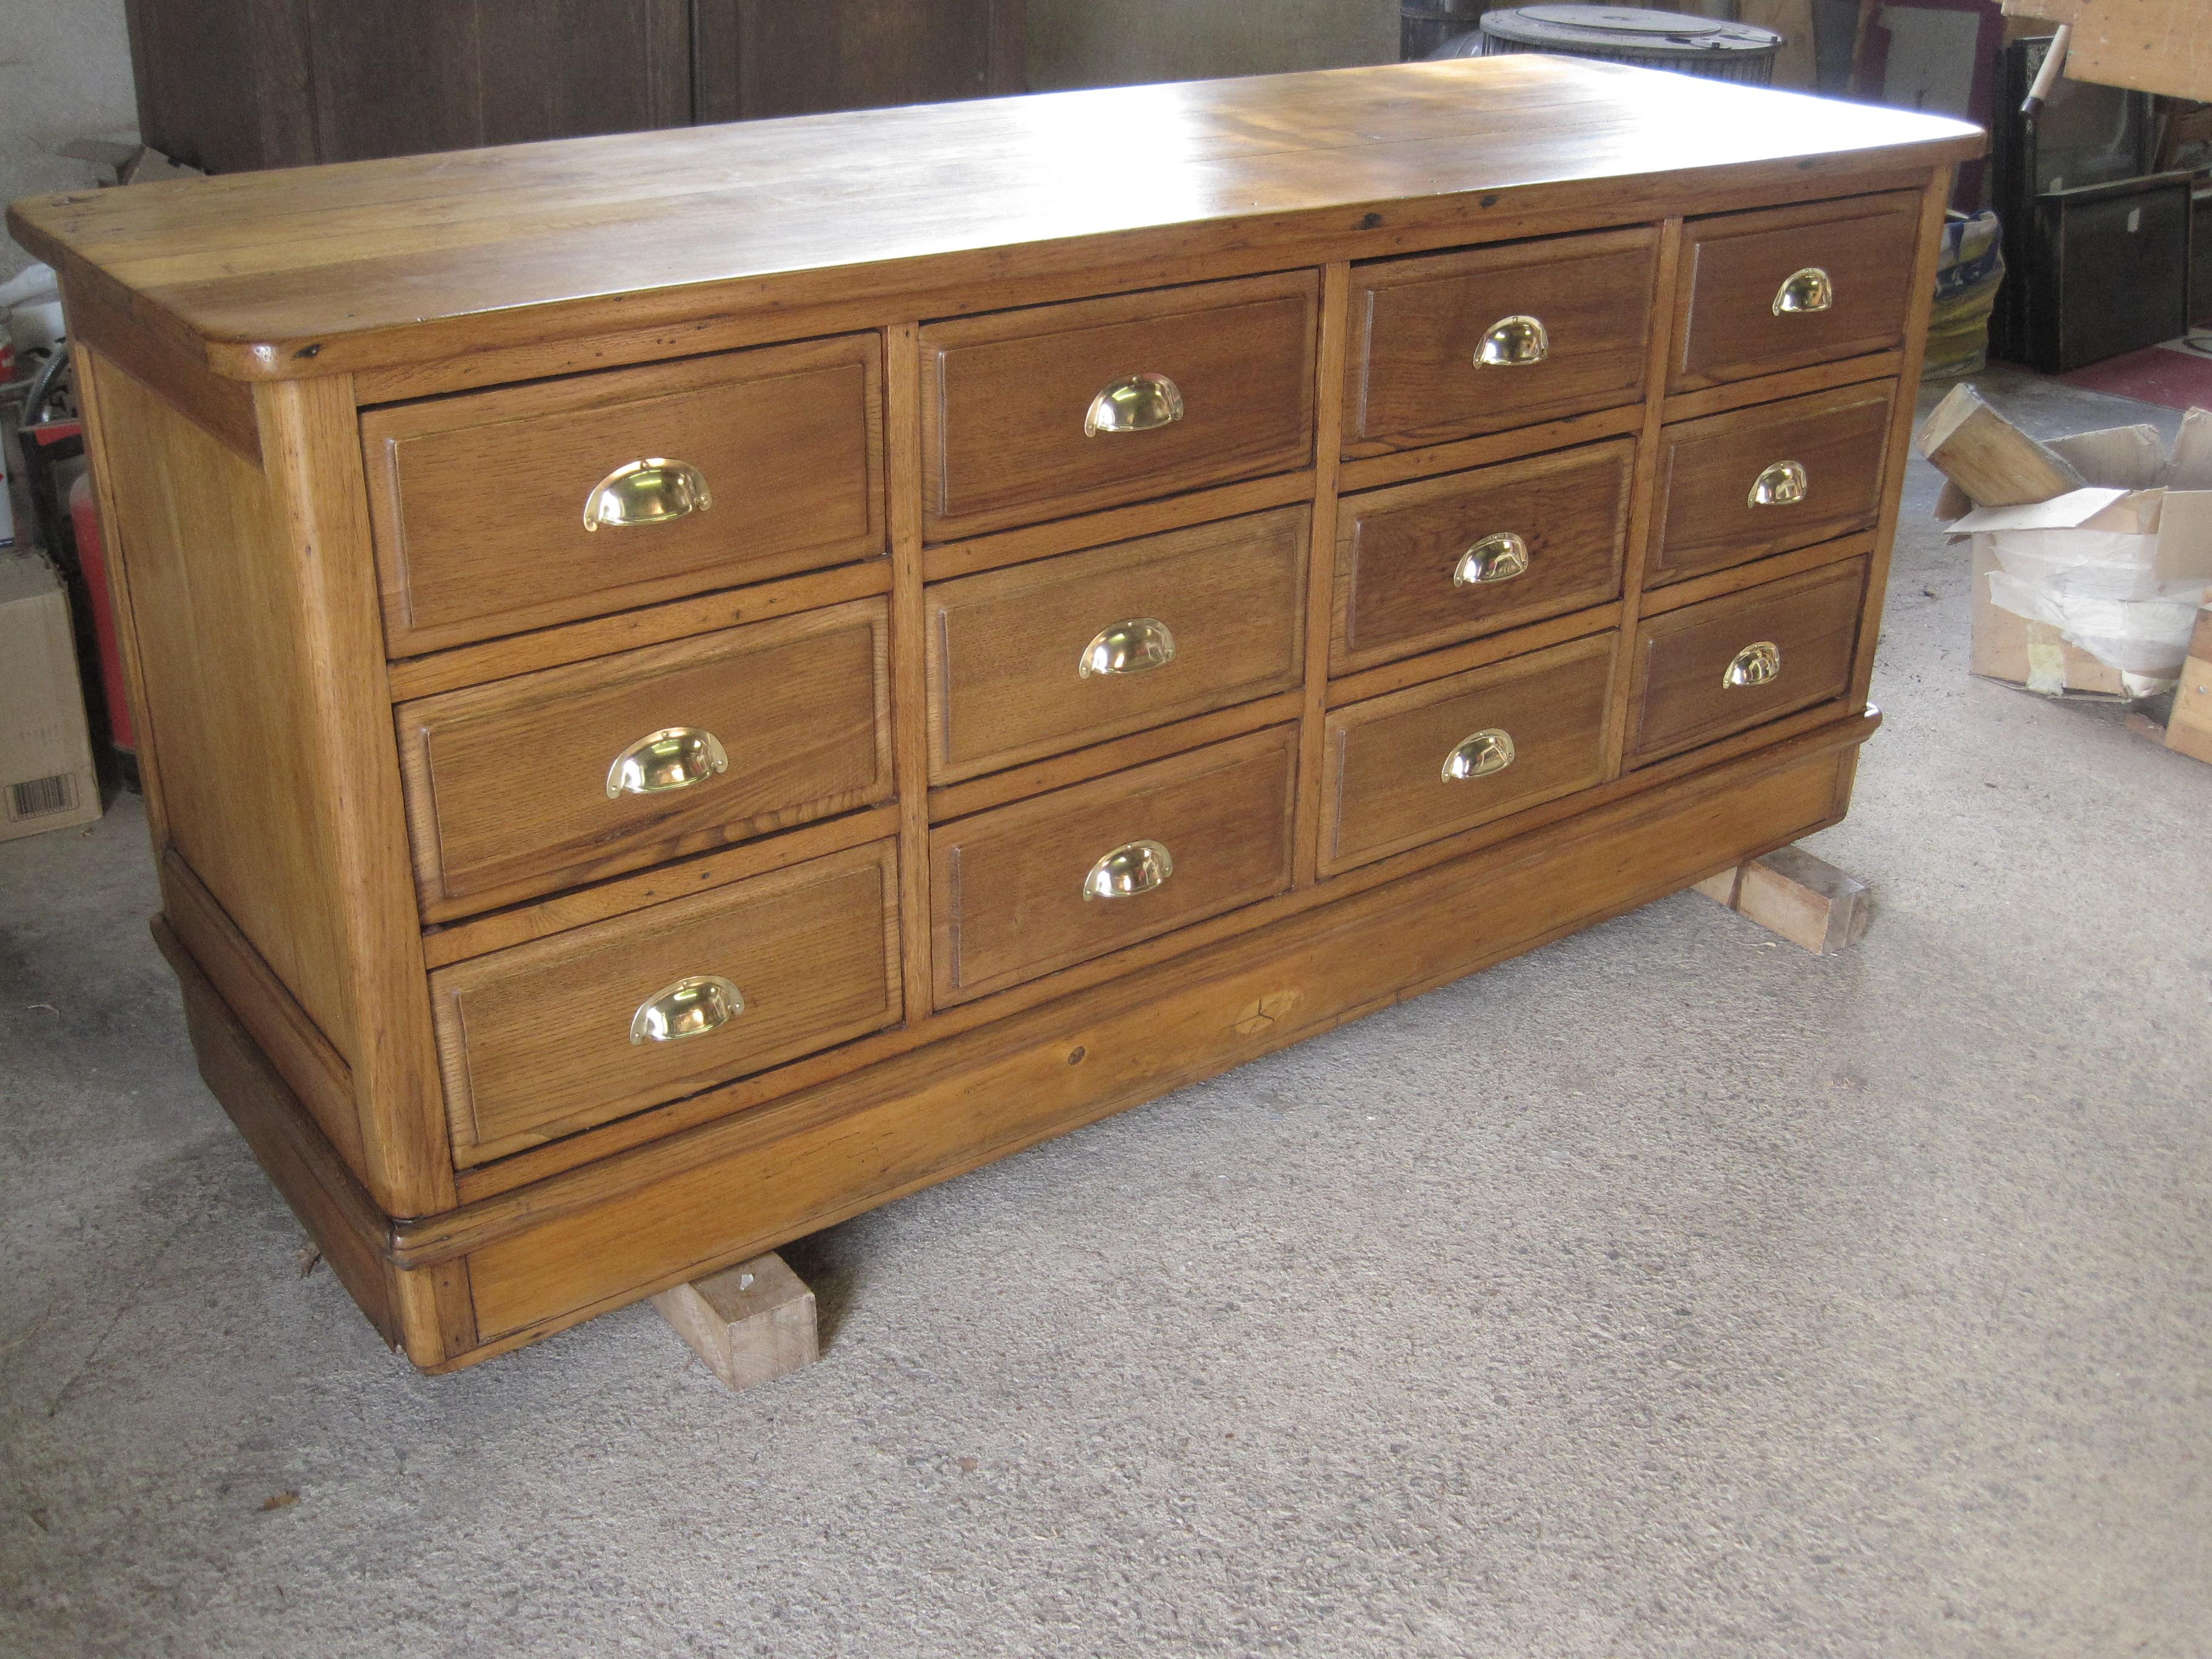 Actualit s lignes d 39 art restauration de meubles anciens - Restauration de meubles anciens ...